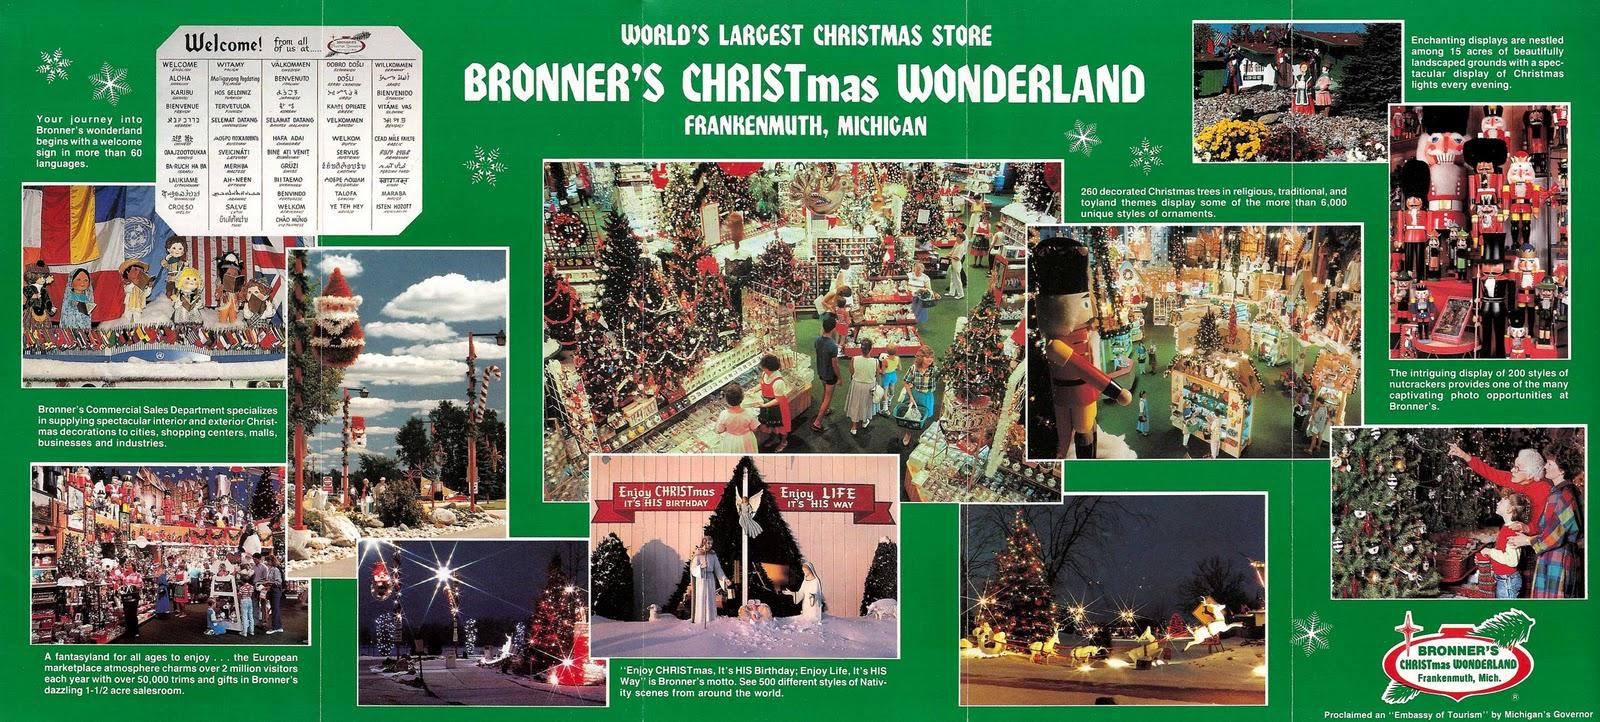 Bronners Christmas.Quasi Interesting Paraphernalia Inc Bronner S Christmas